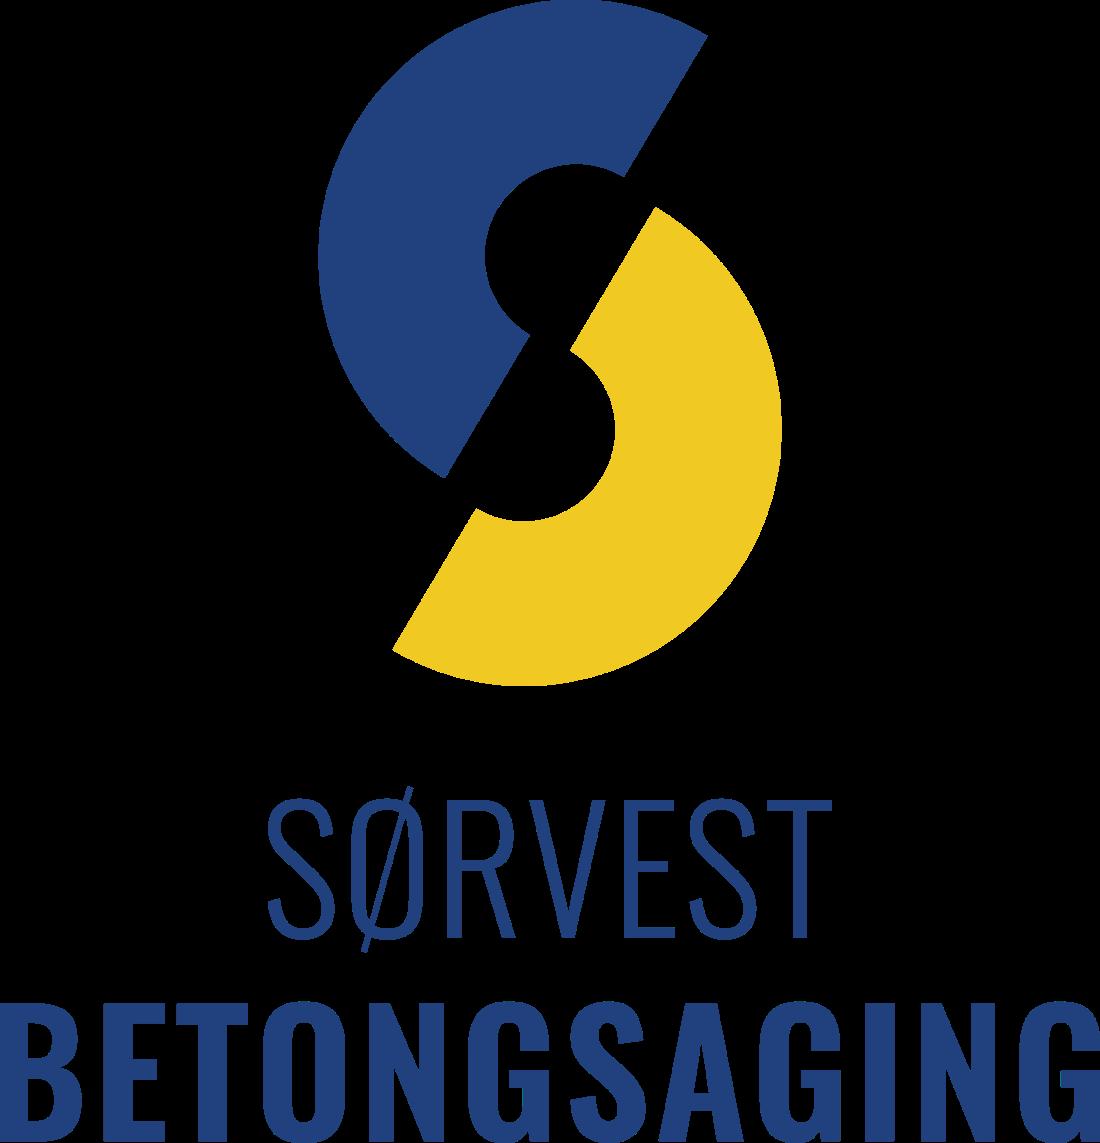 Svbs logo_høyde